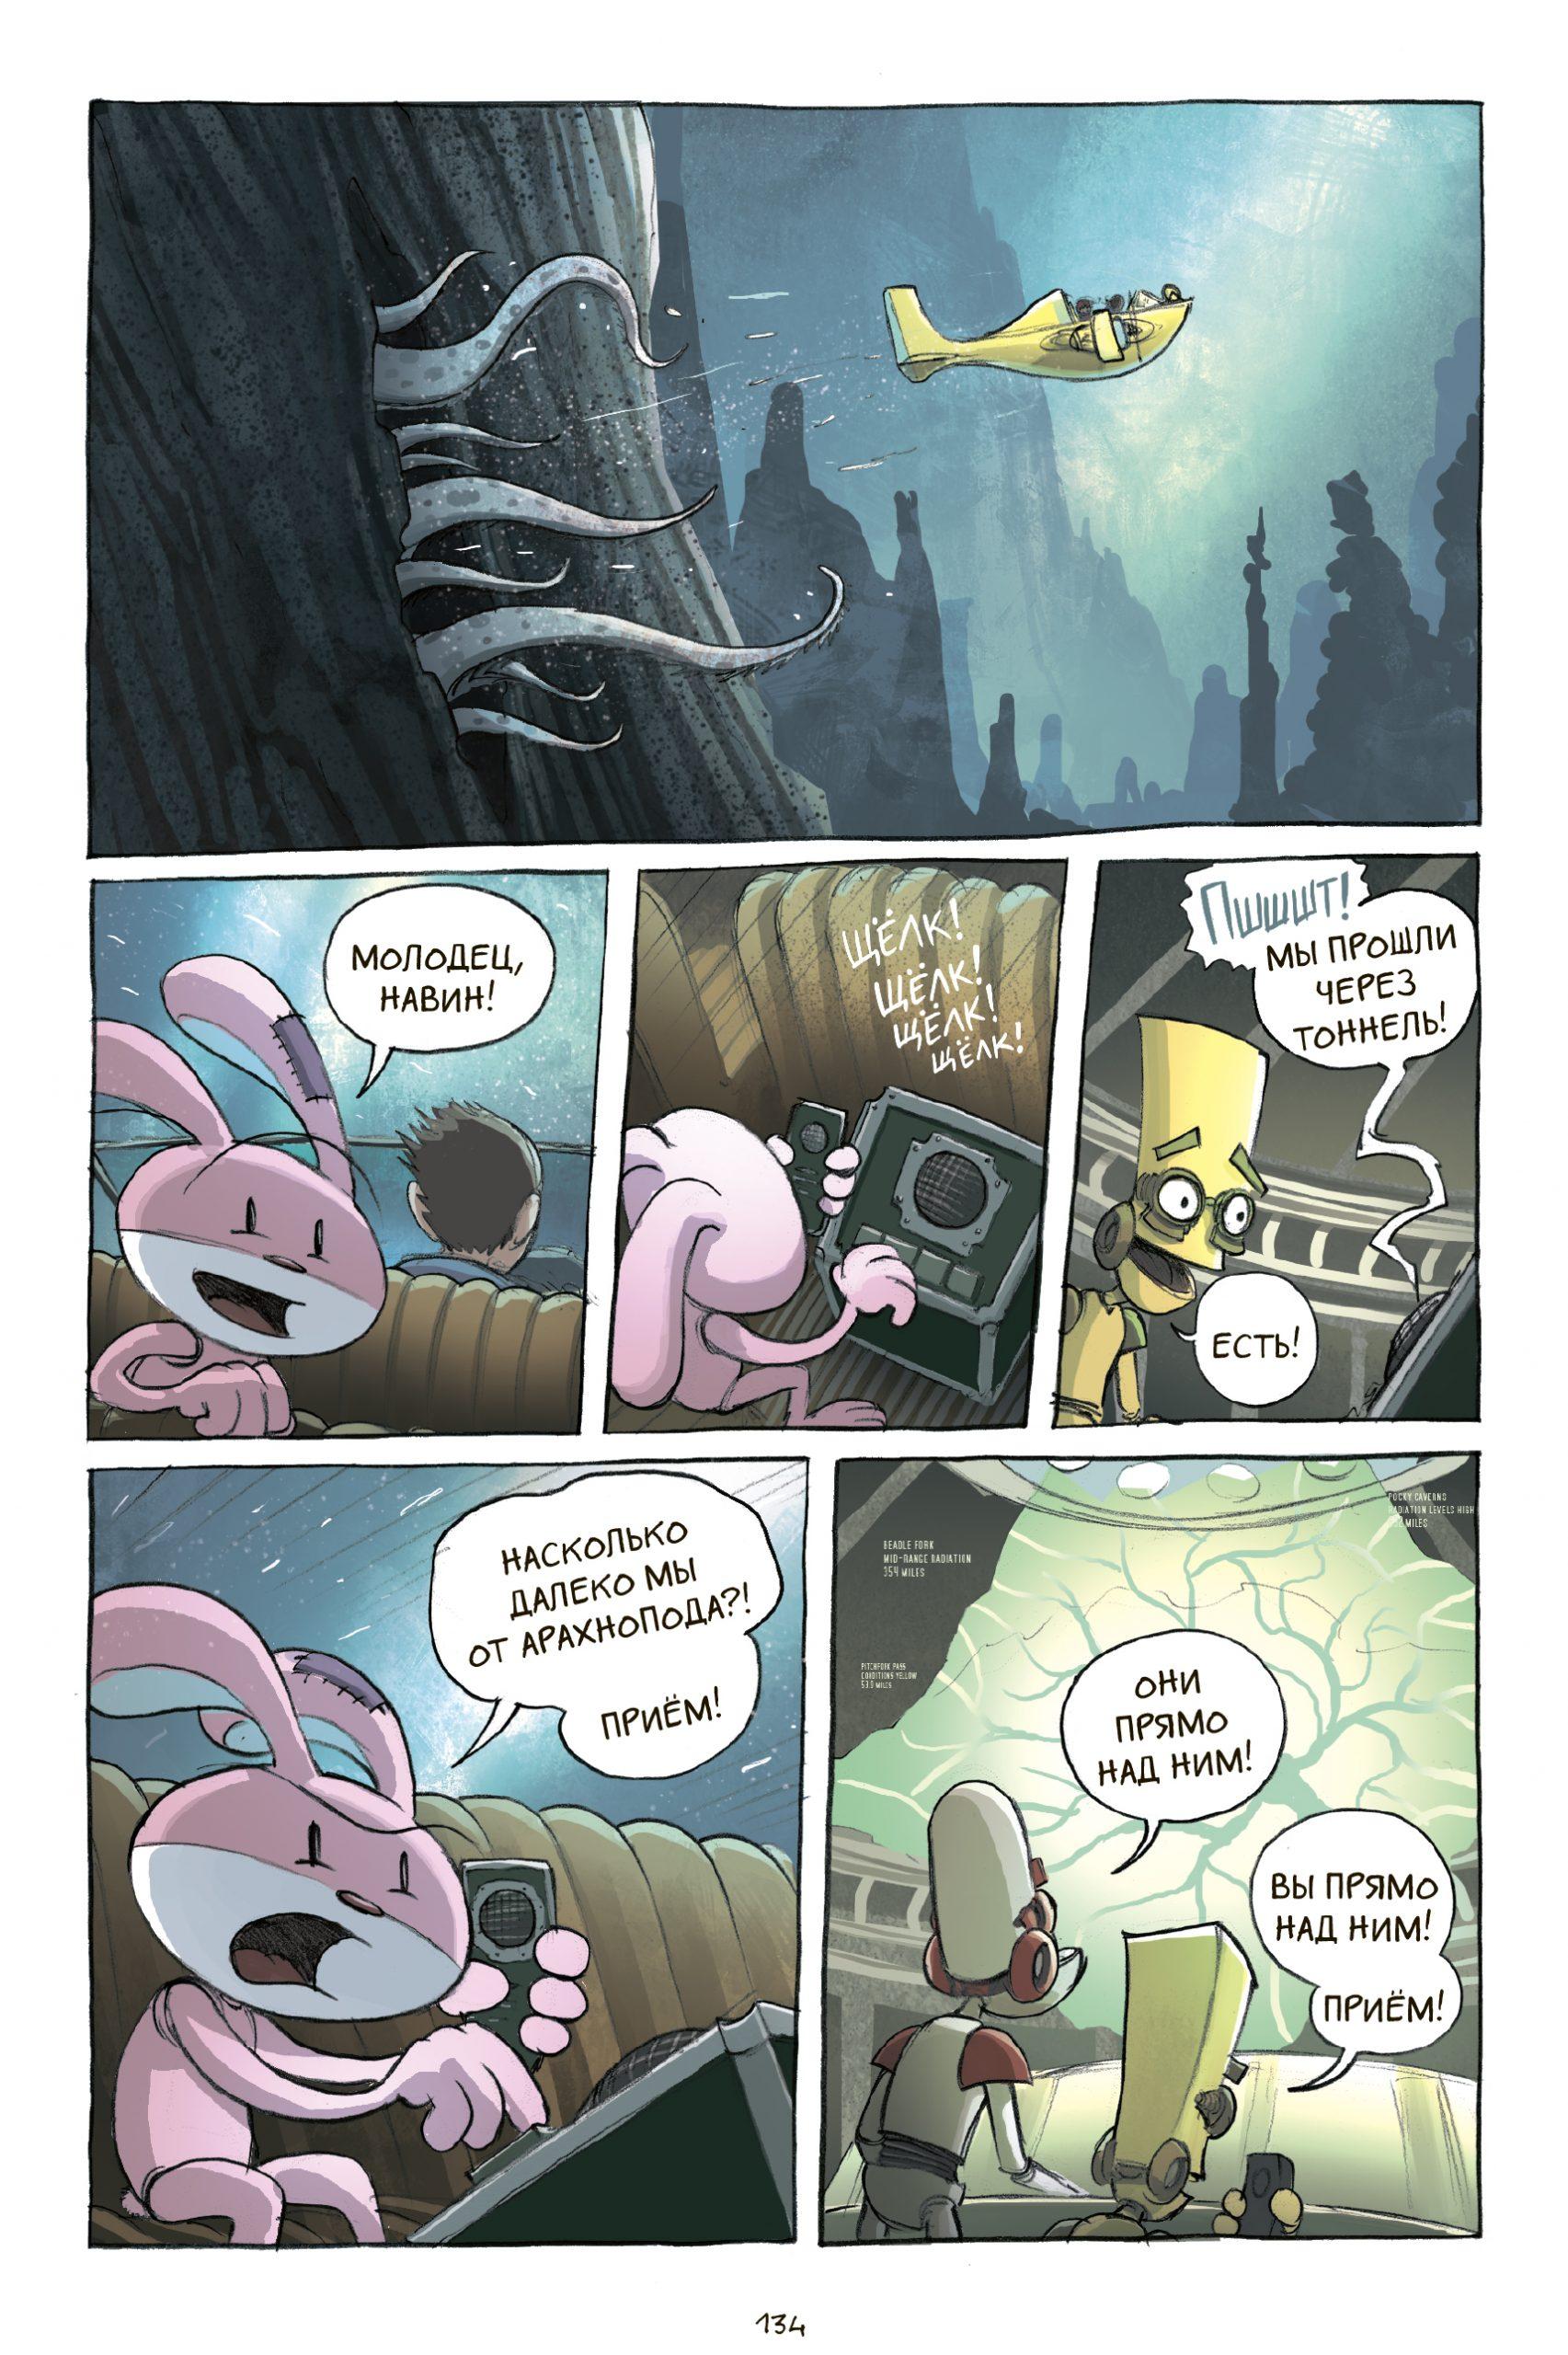 Читаем комикс «Амулет. Хранитель камня» Кадзу Кибуиси 9